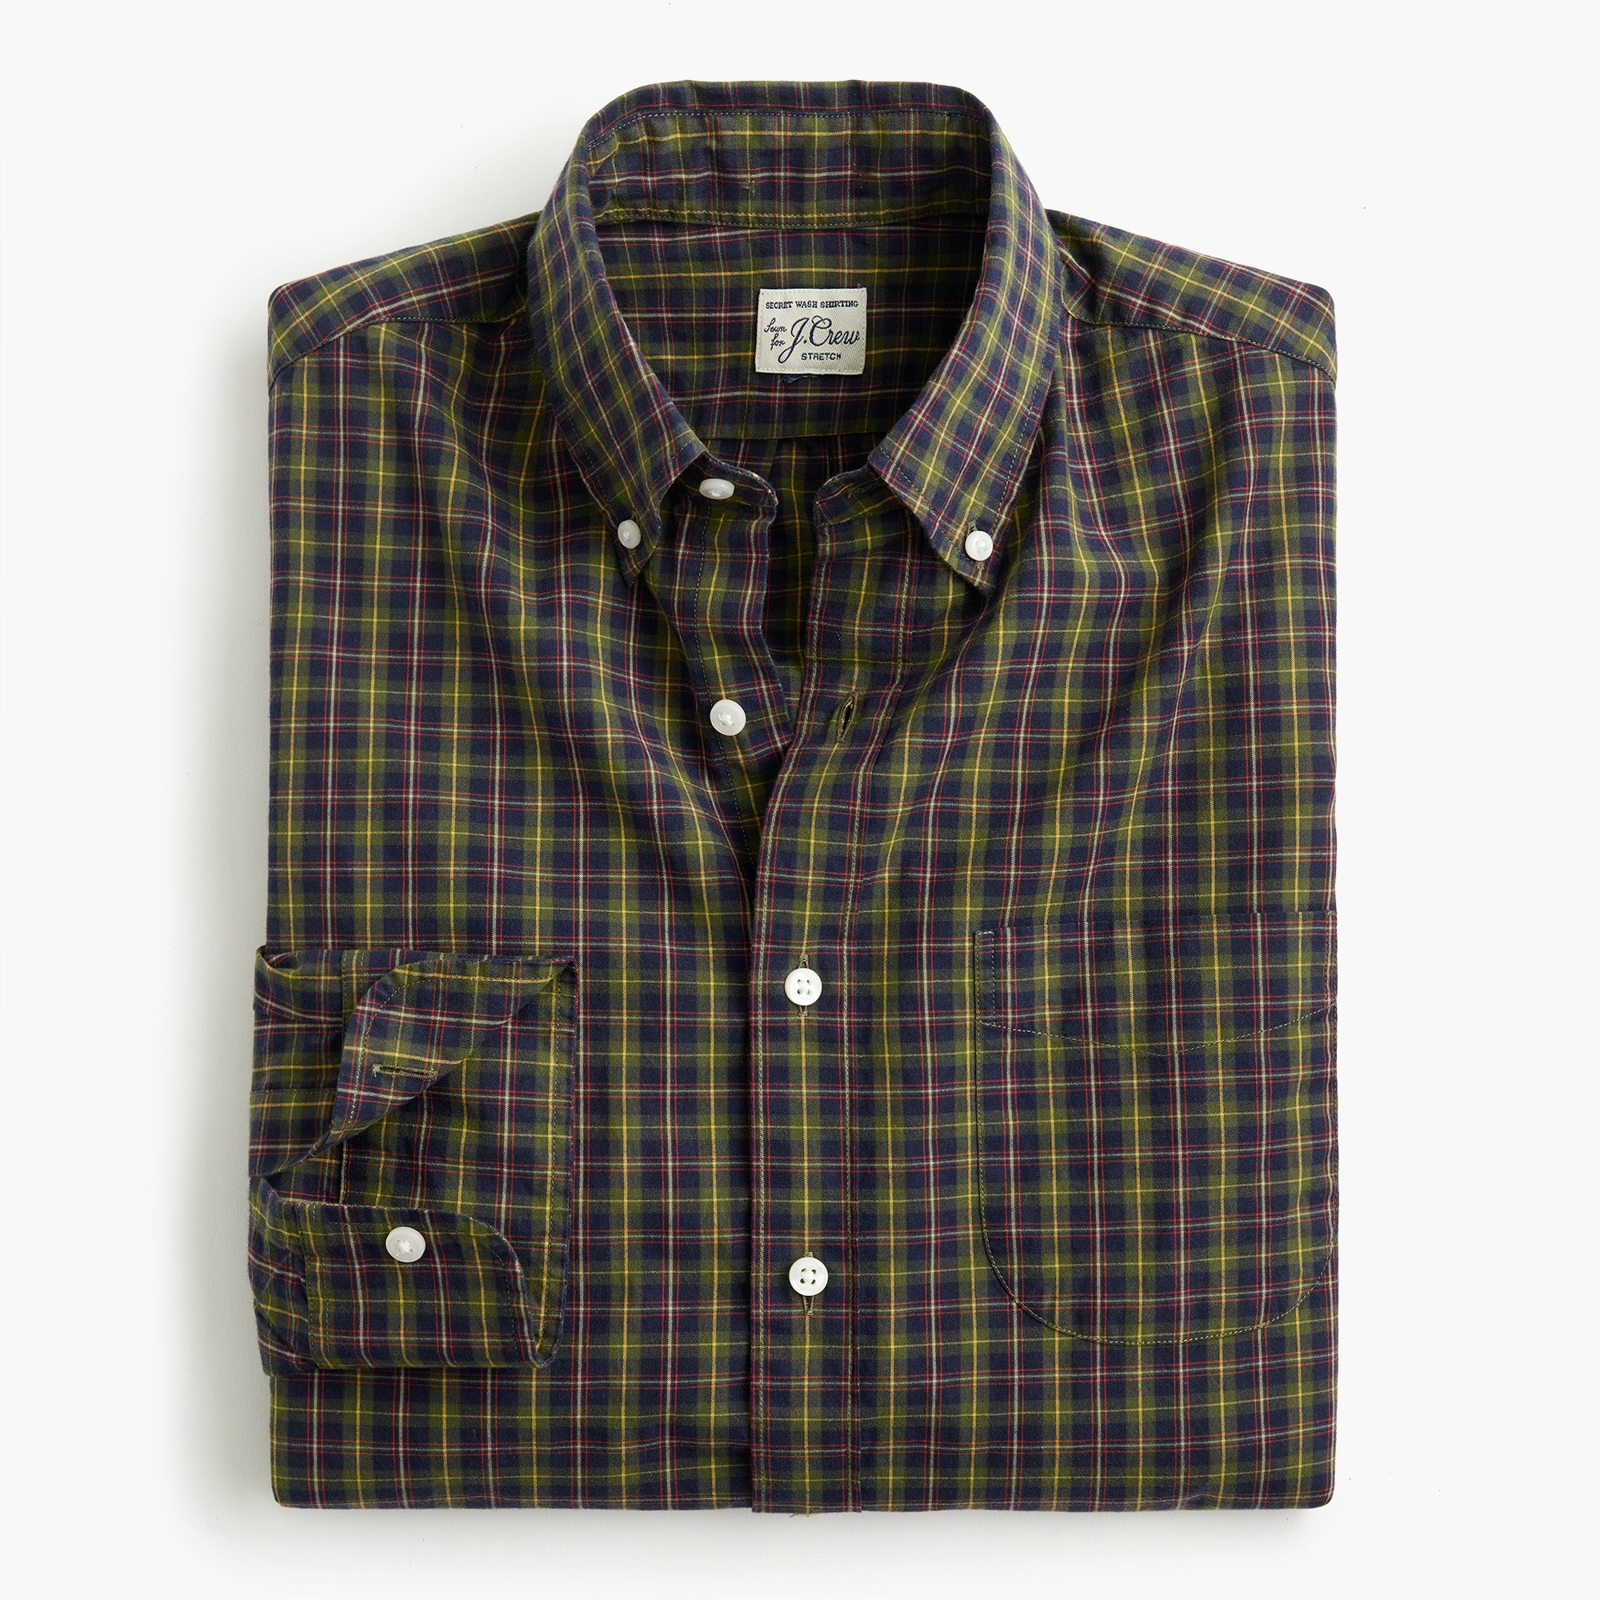 Classic Stretch Secret Wash shirt in Ashford tartan